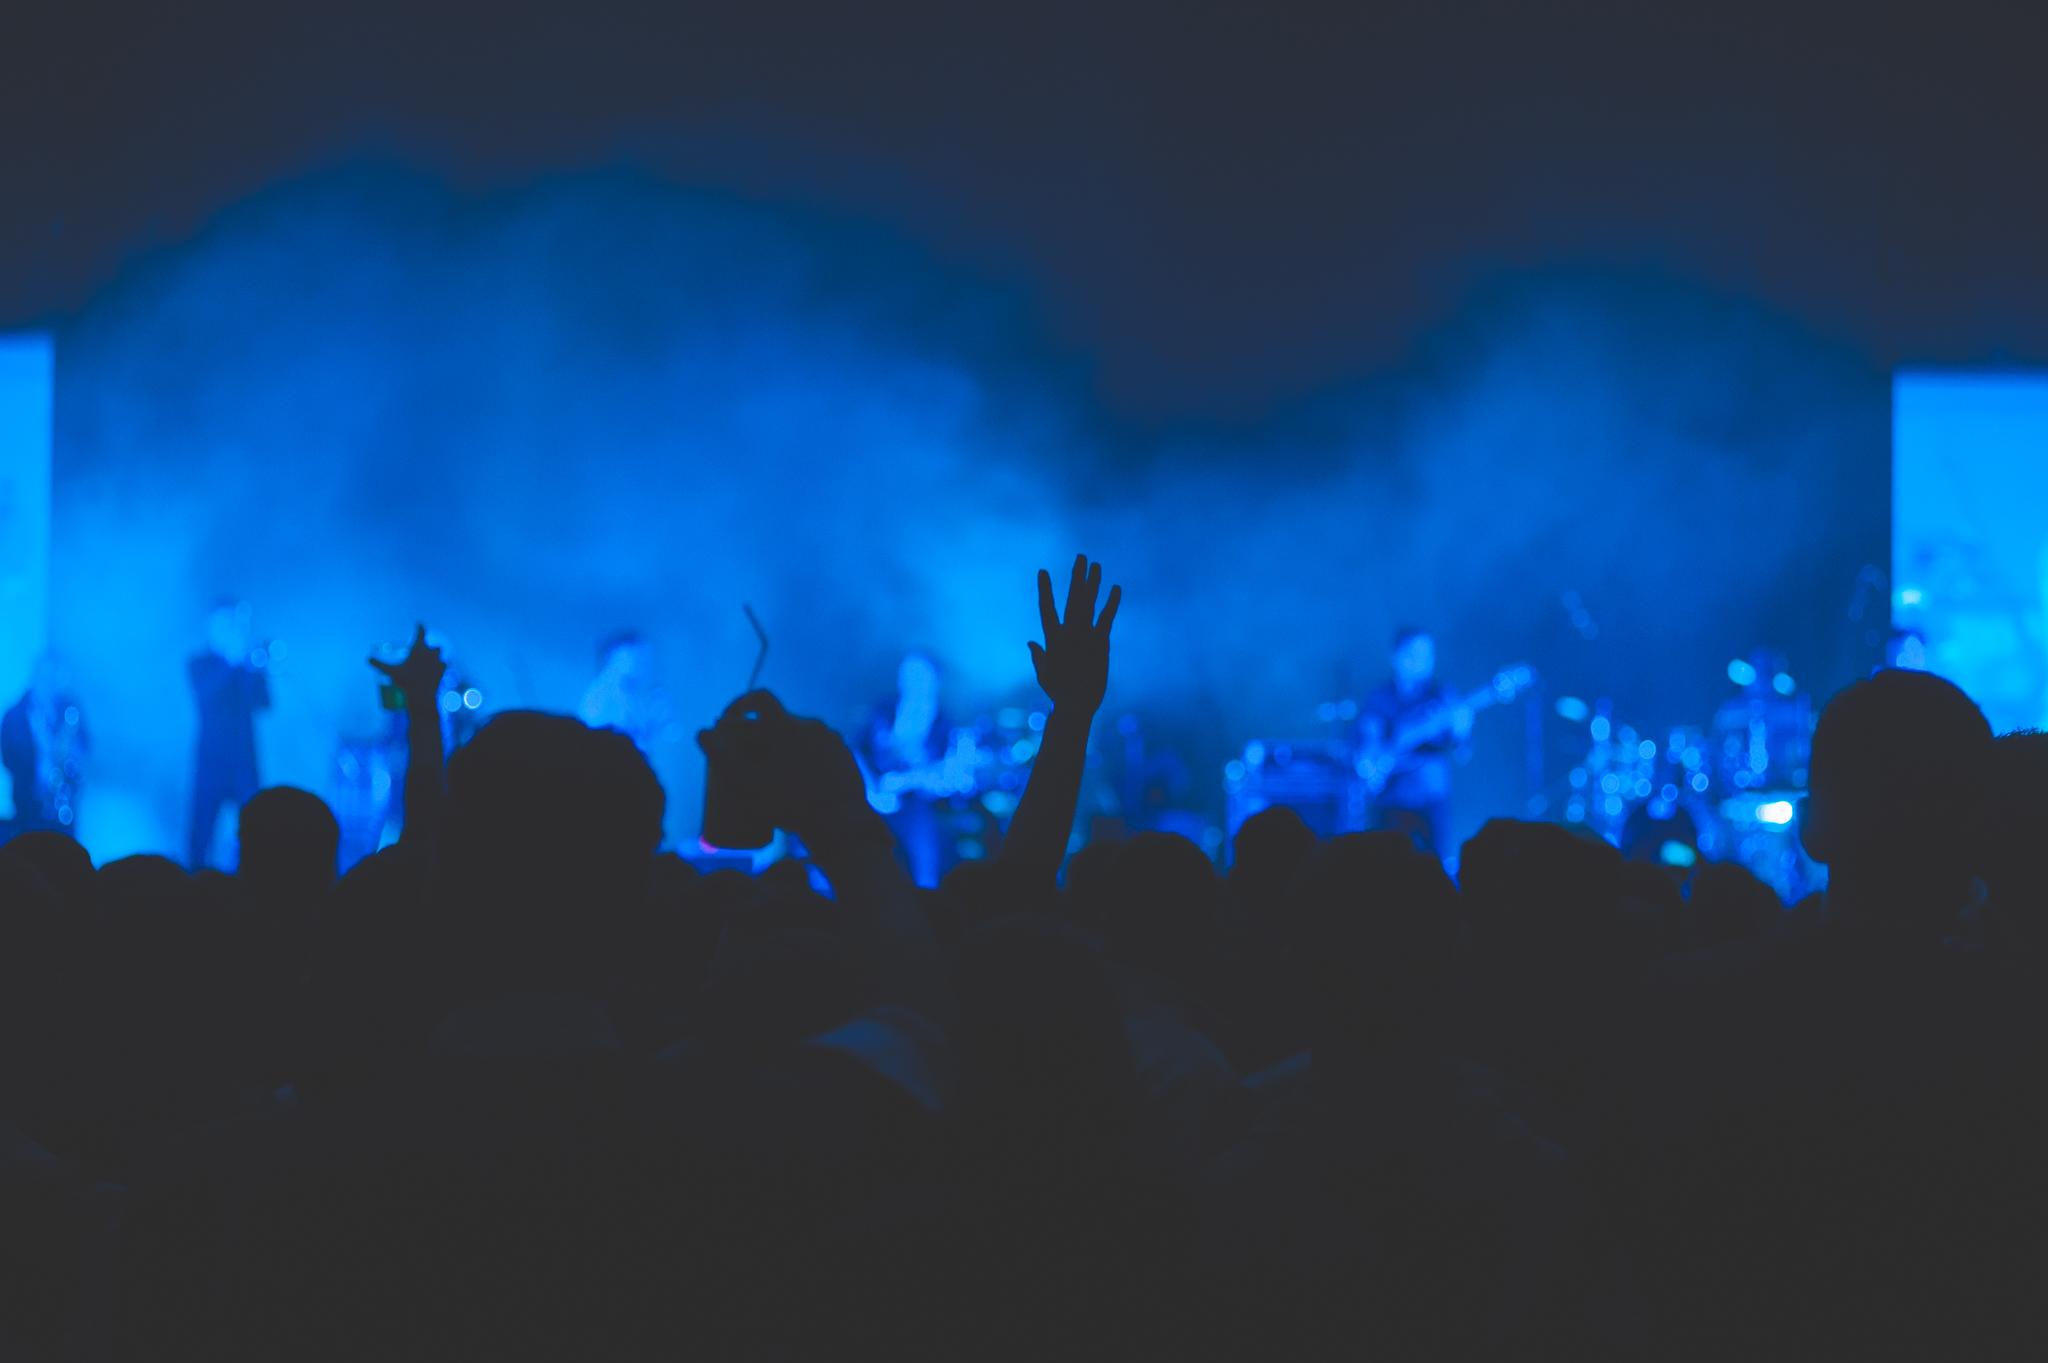 concert-vunk-unifest-low-res-18